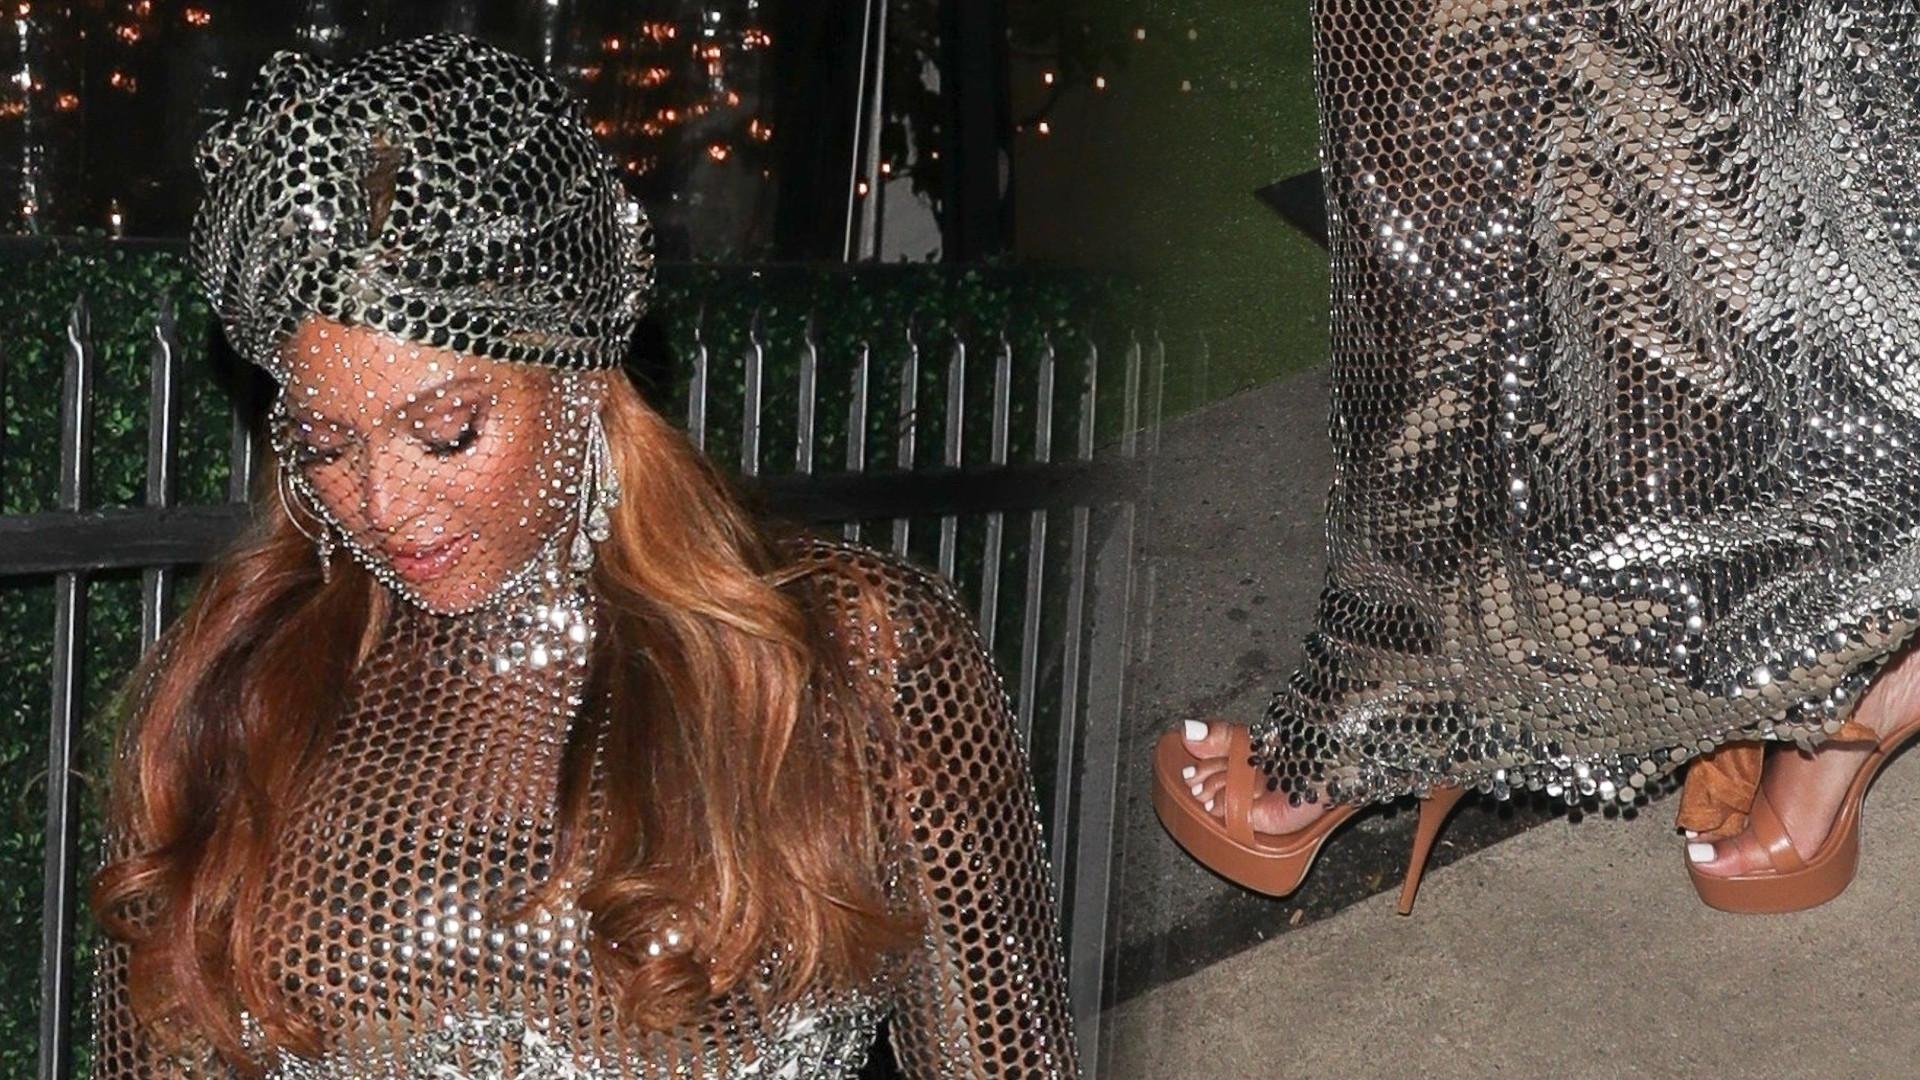 Beyonce triumfatorką na Grammy. Wymknęła się na kolację z mężem w połyskującej sukni (ZDJĘCIA)